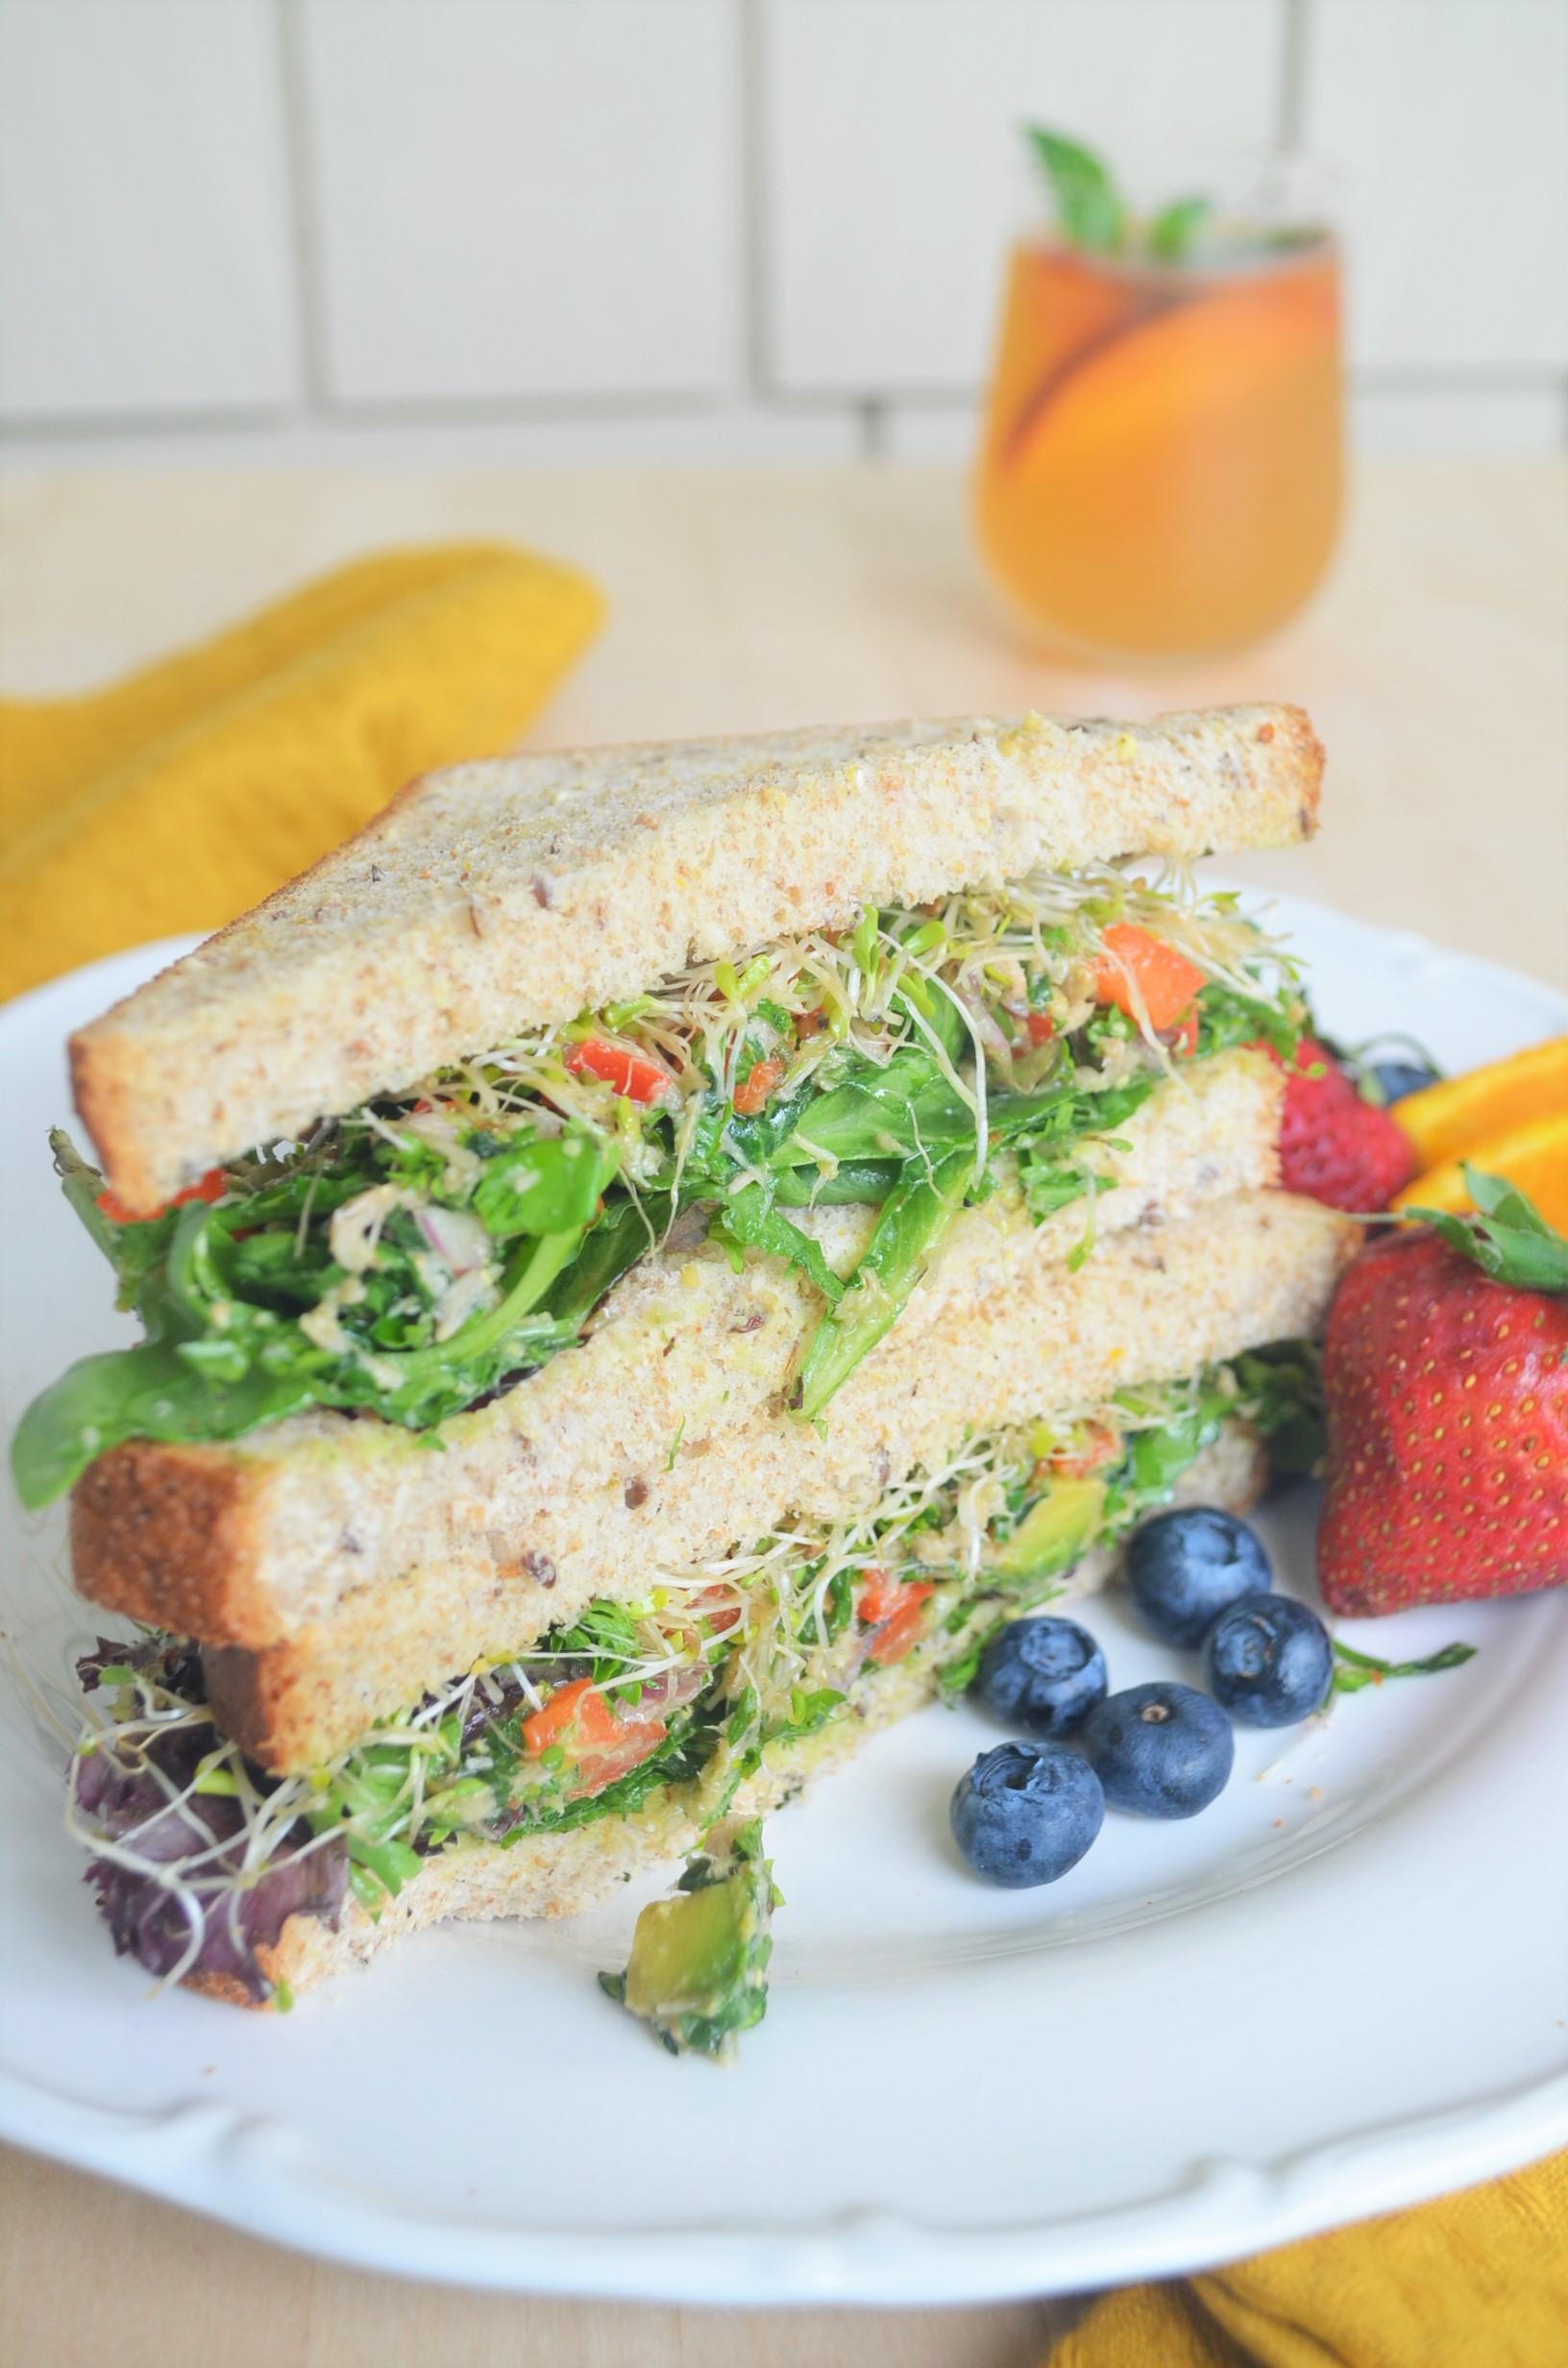 Healthy Tuna and Avocado Sandiwch